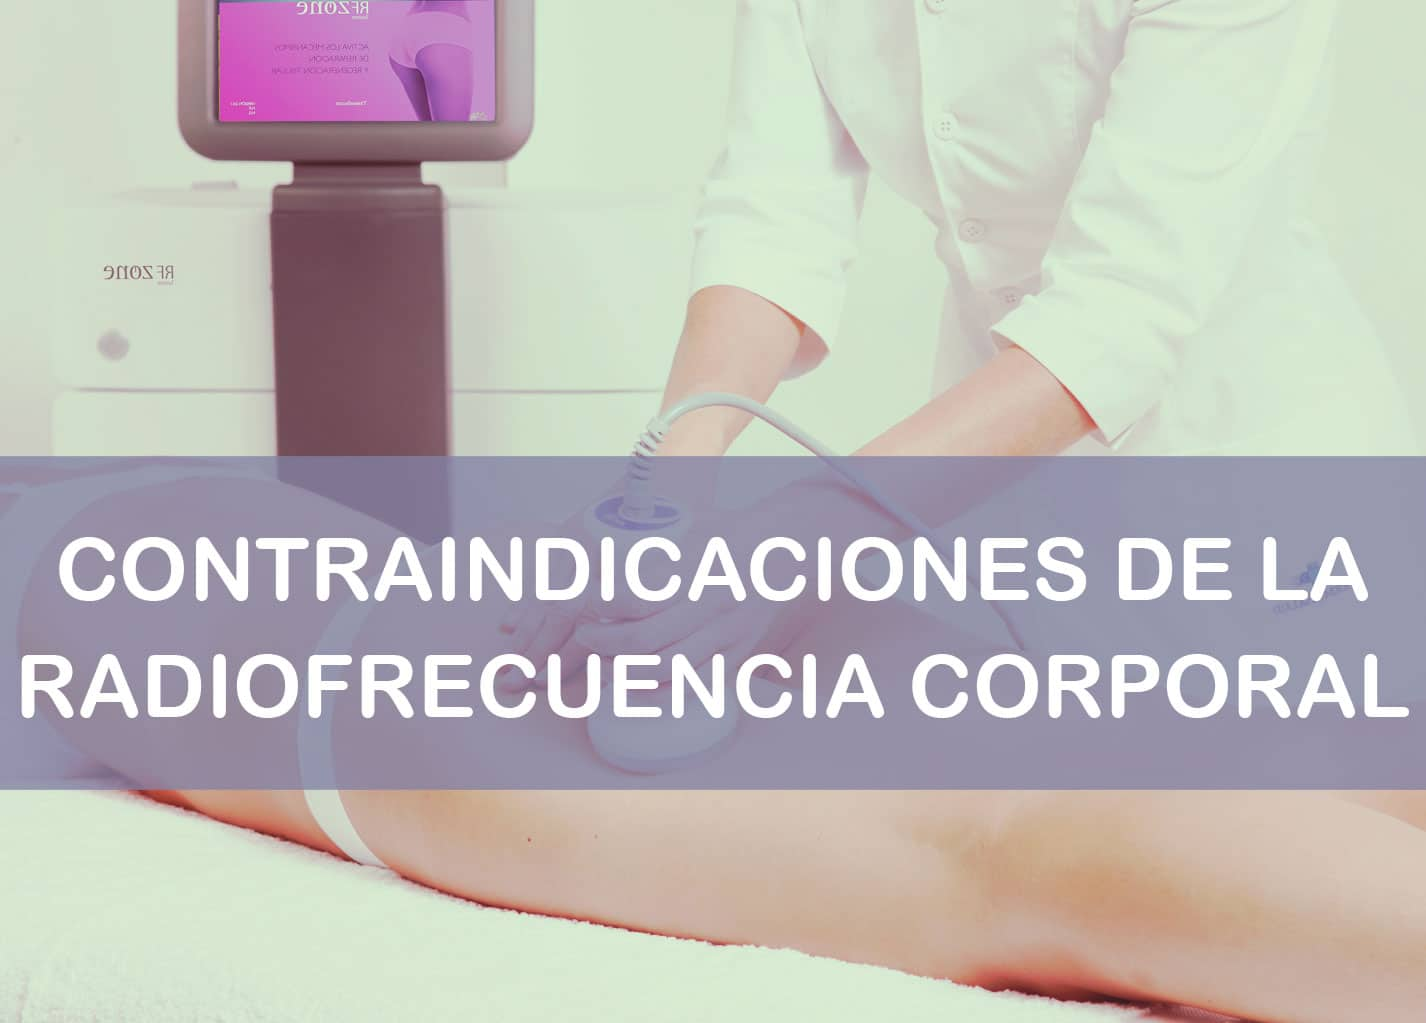 contraindicaciones de la radiofrecuencia corporal